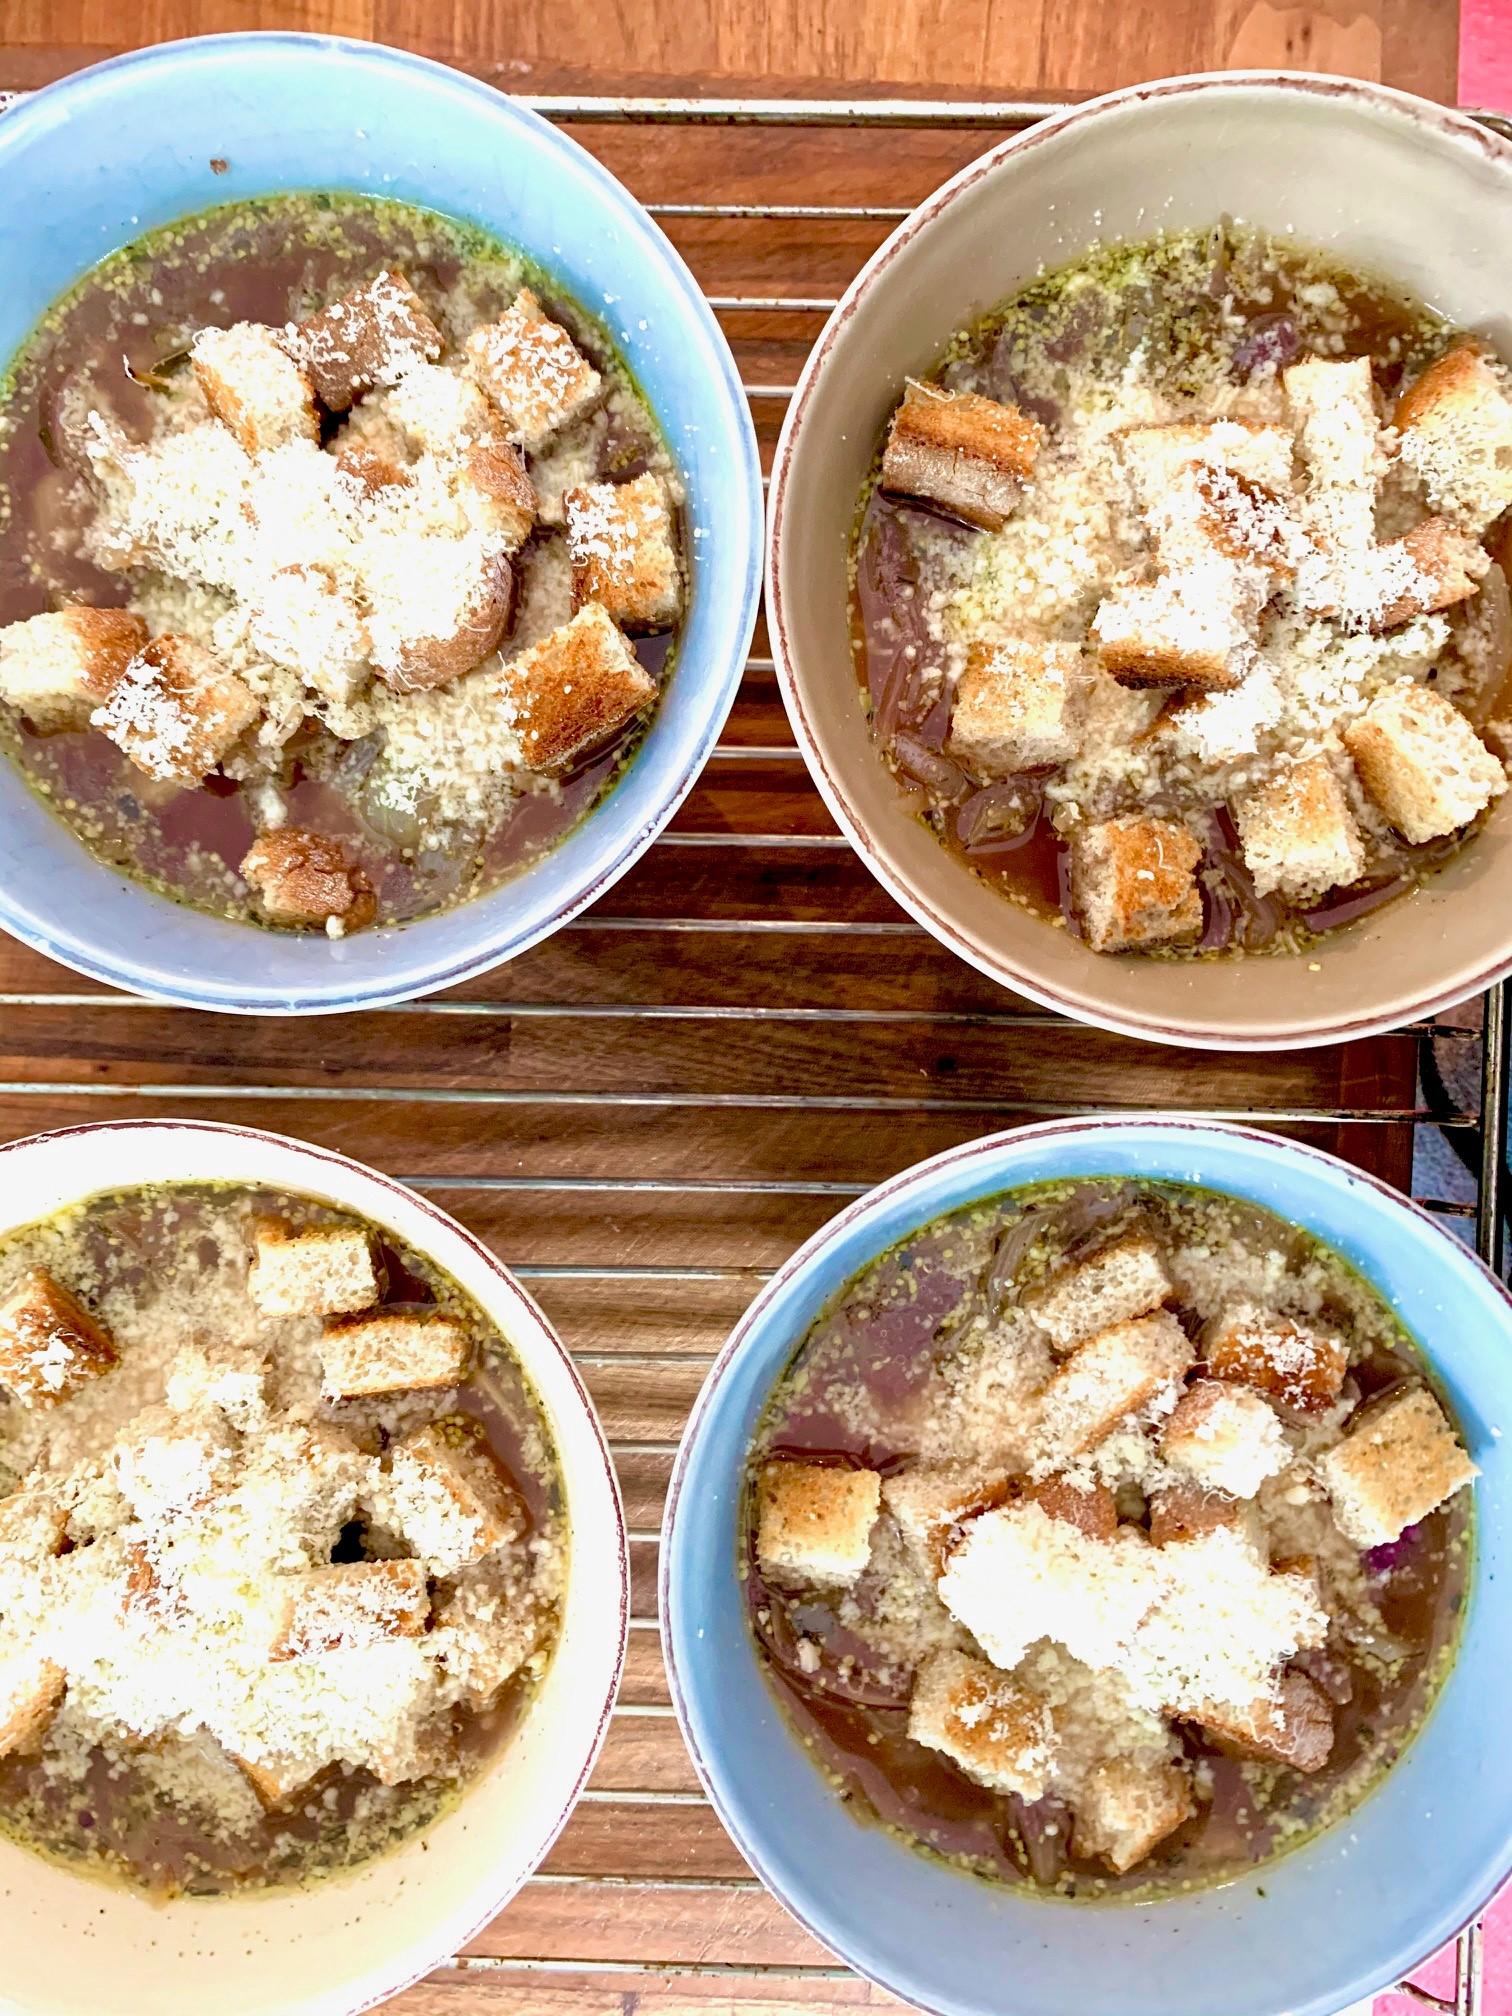 Lisää sipulikeiton pinnalle paahdettuja leipäpaloja ja juustoraastetta ennen gratinointia.